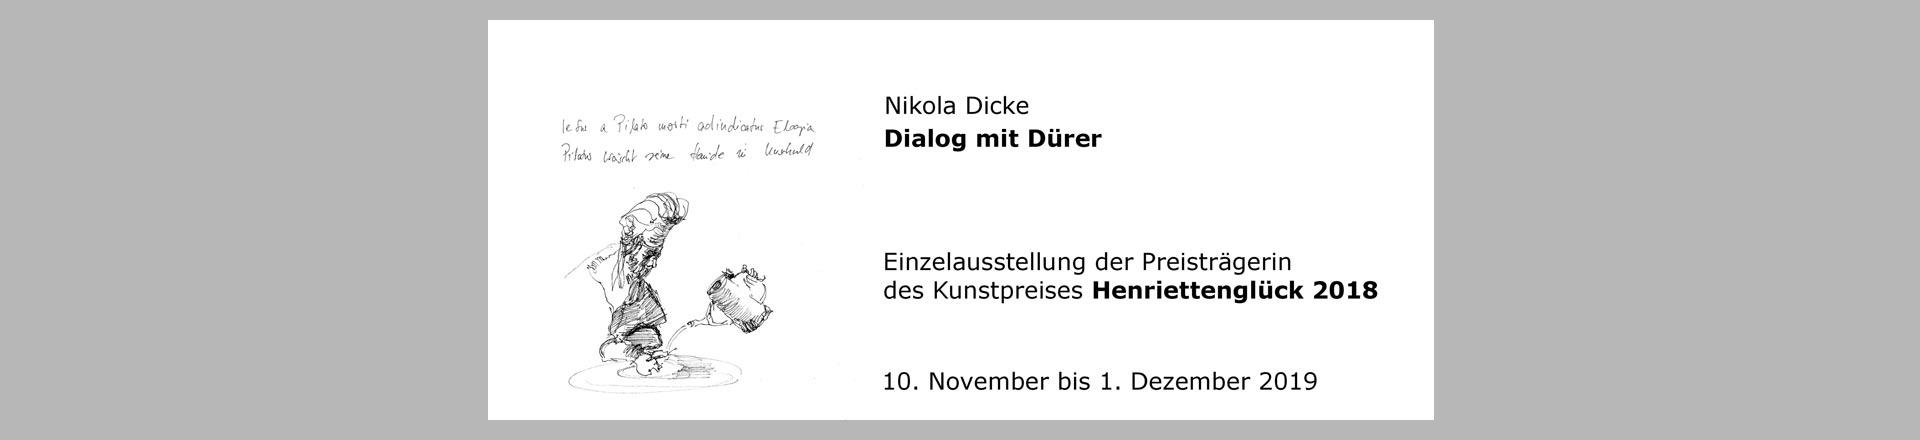 Dialog mit Dürer